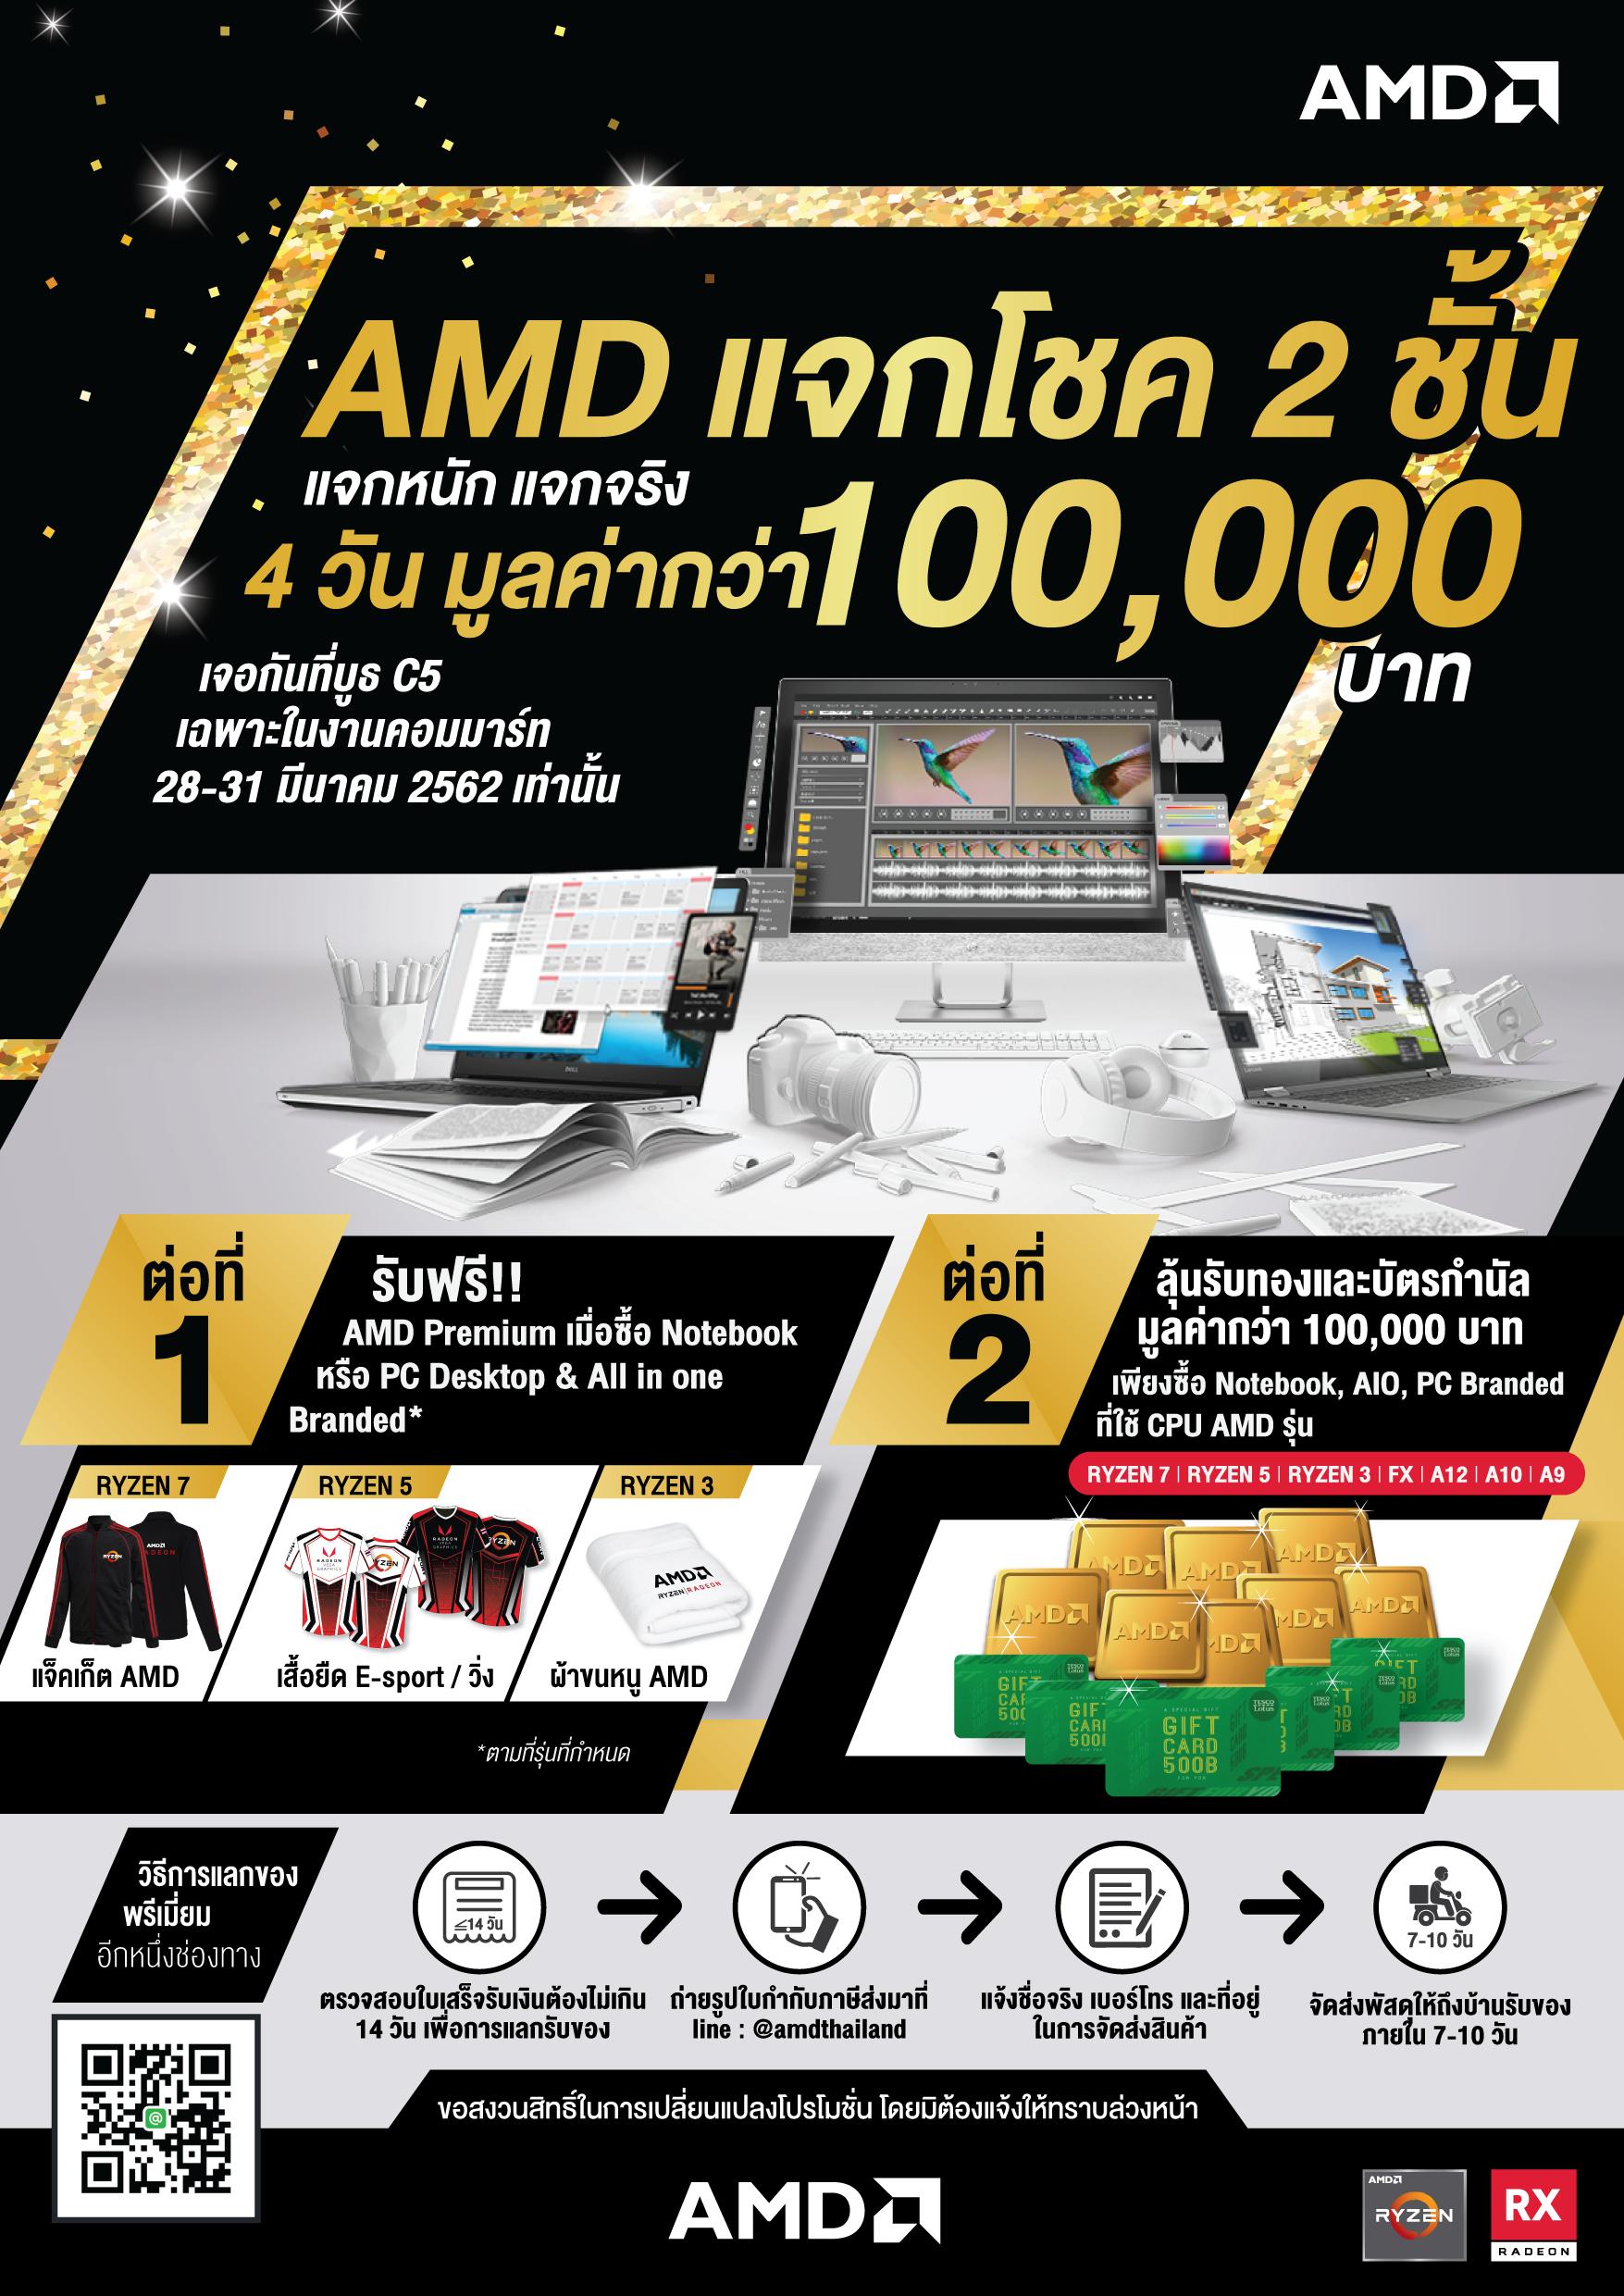 aw amd leaflet a5 commart mar2019 f AMD ส่งโปรแรงรับต้นปี แจกโชค 2 ชั้น ตั้งแต่วันที่ 28 31 มี.ค. 2562 ที่งานคอมมาร์ทเท่านั้น‼